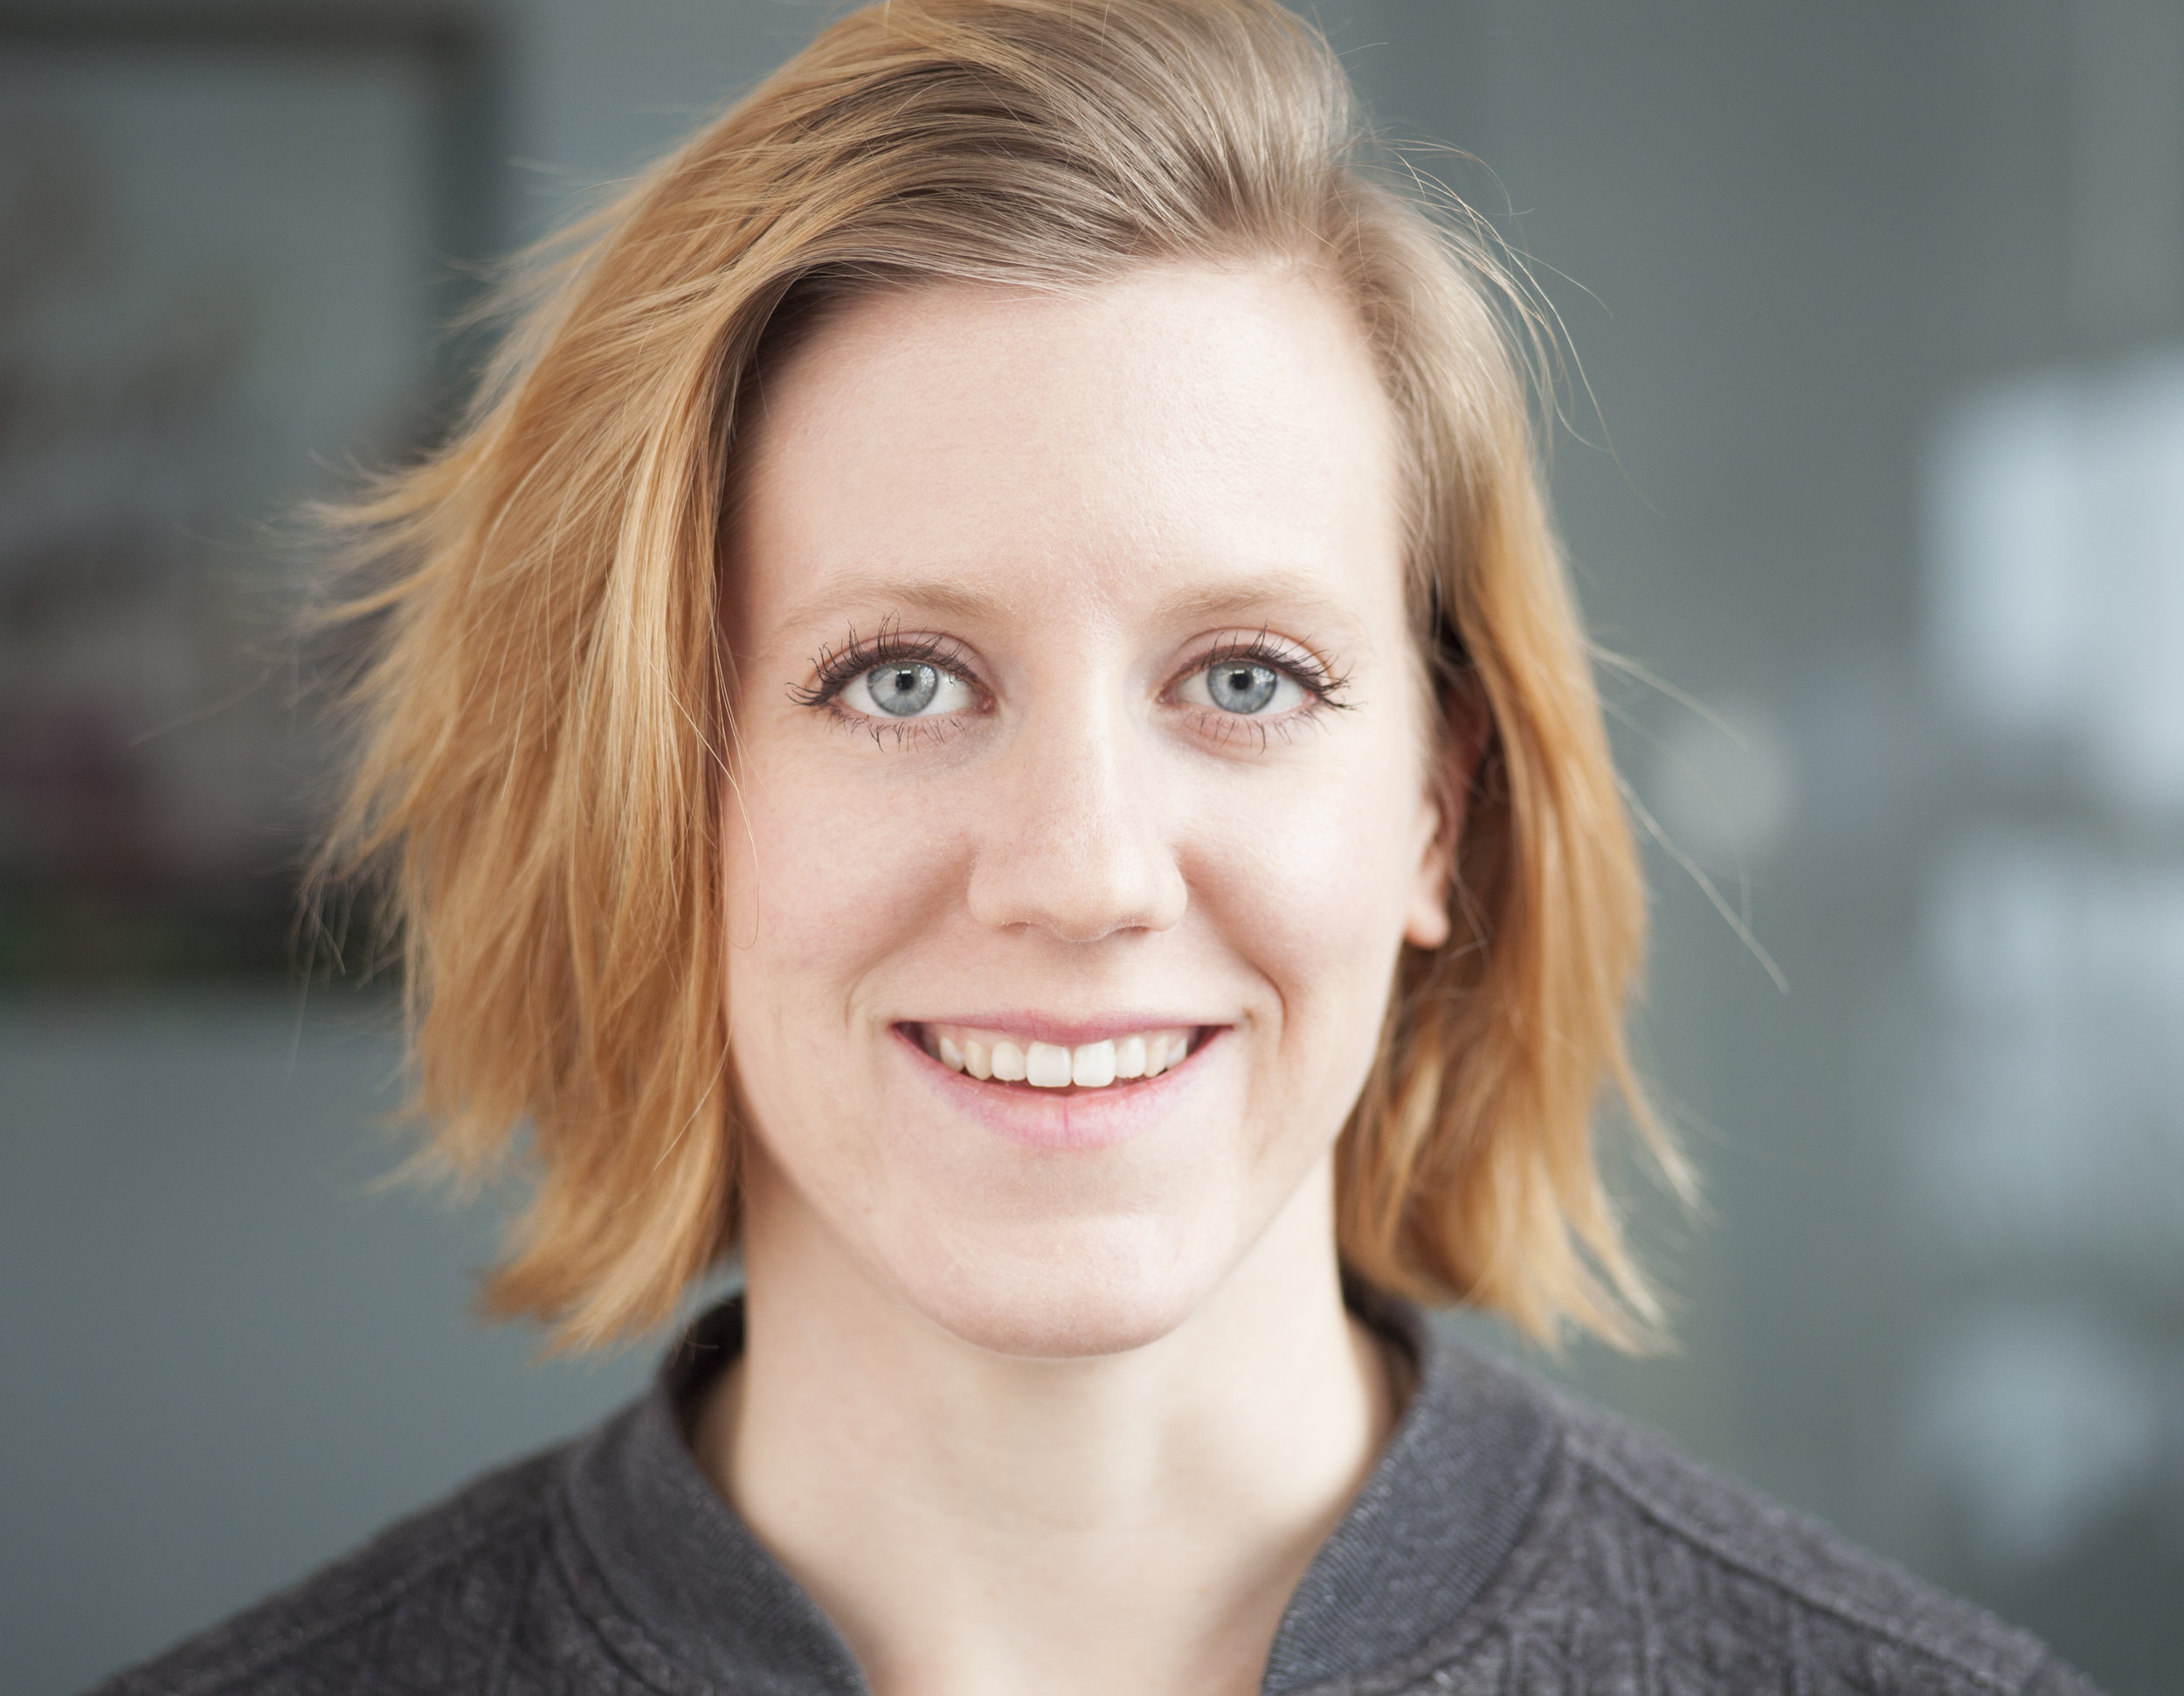 Kendra Phillips,CG modeler